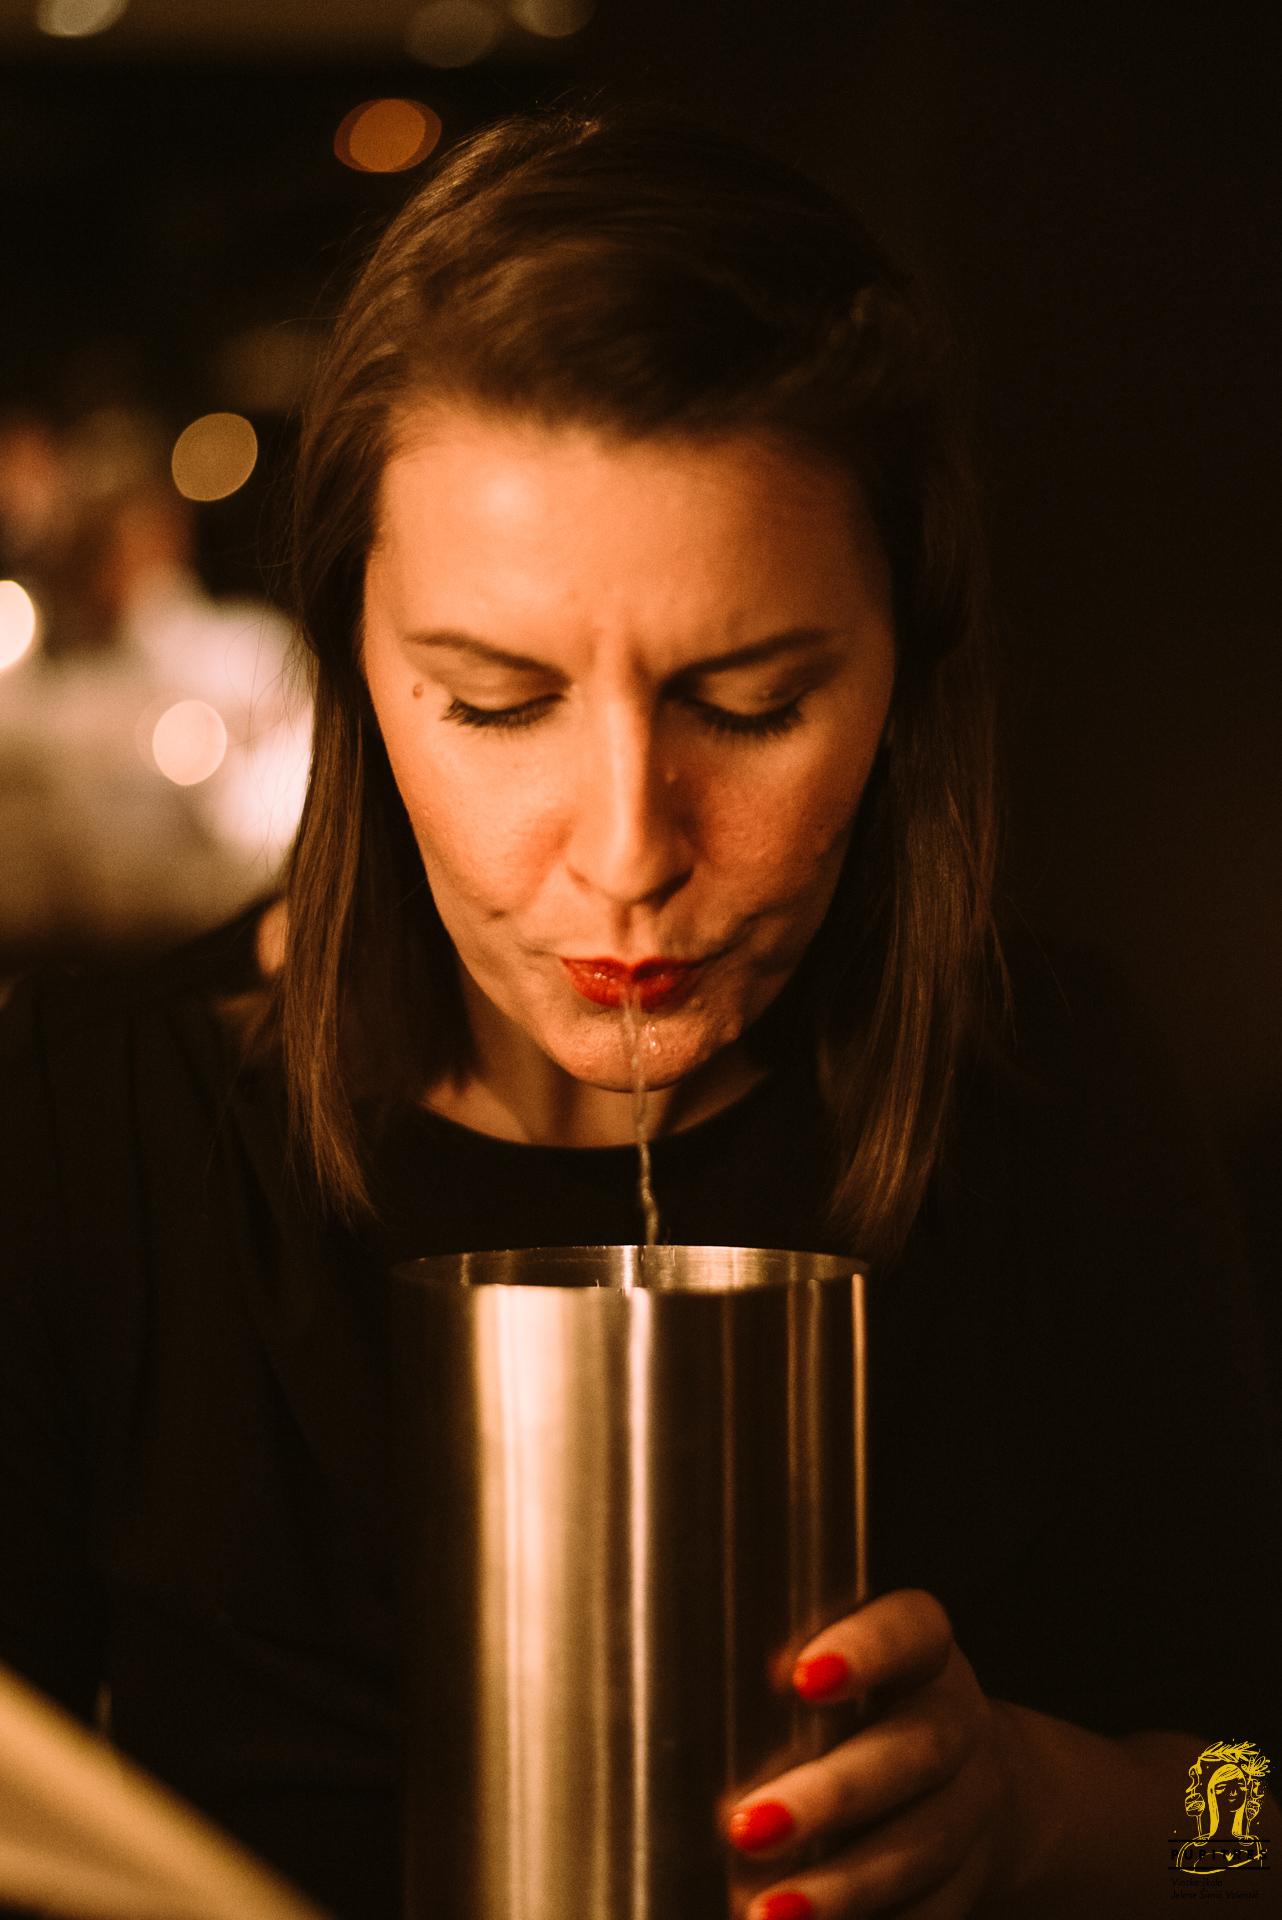 pljuvanje vina